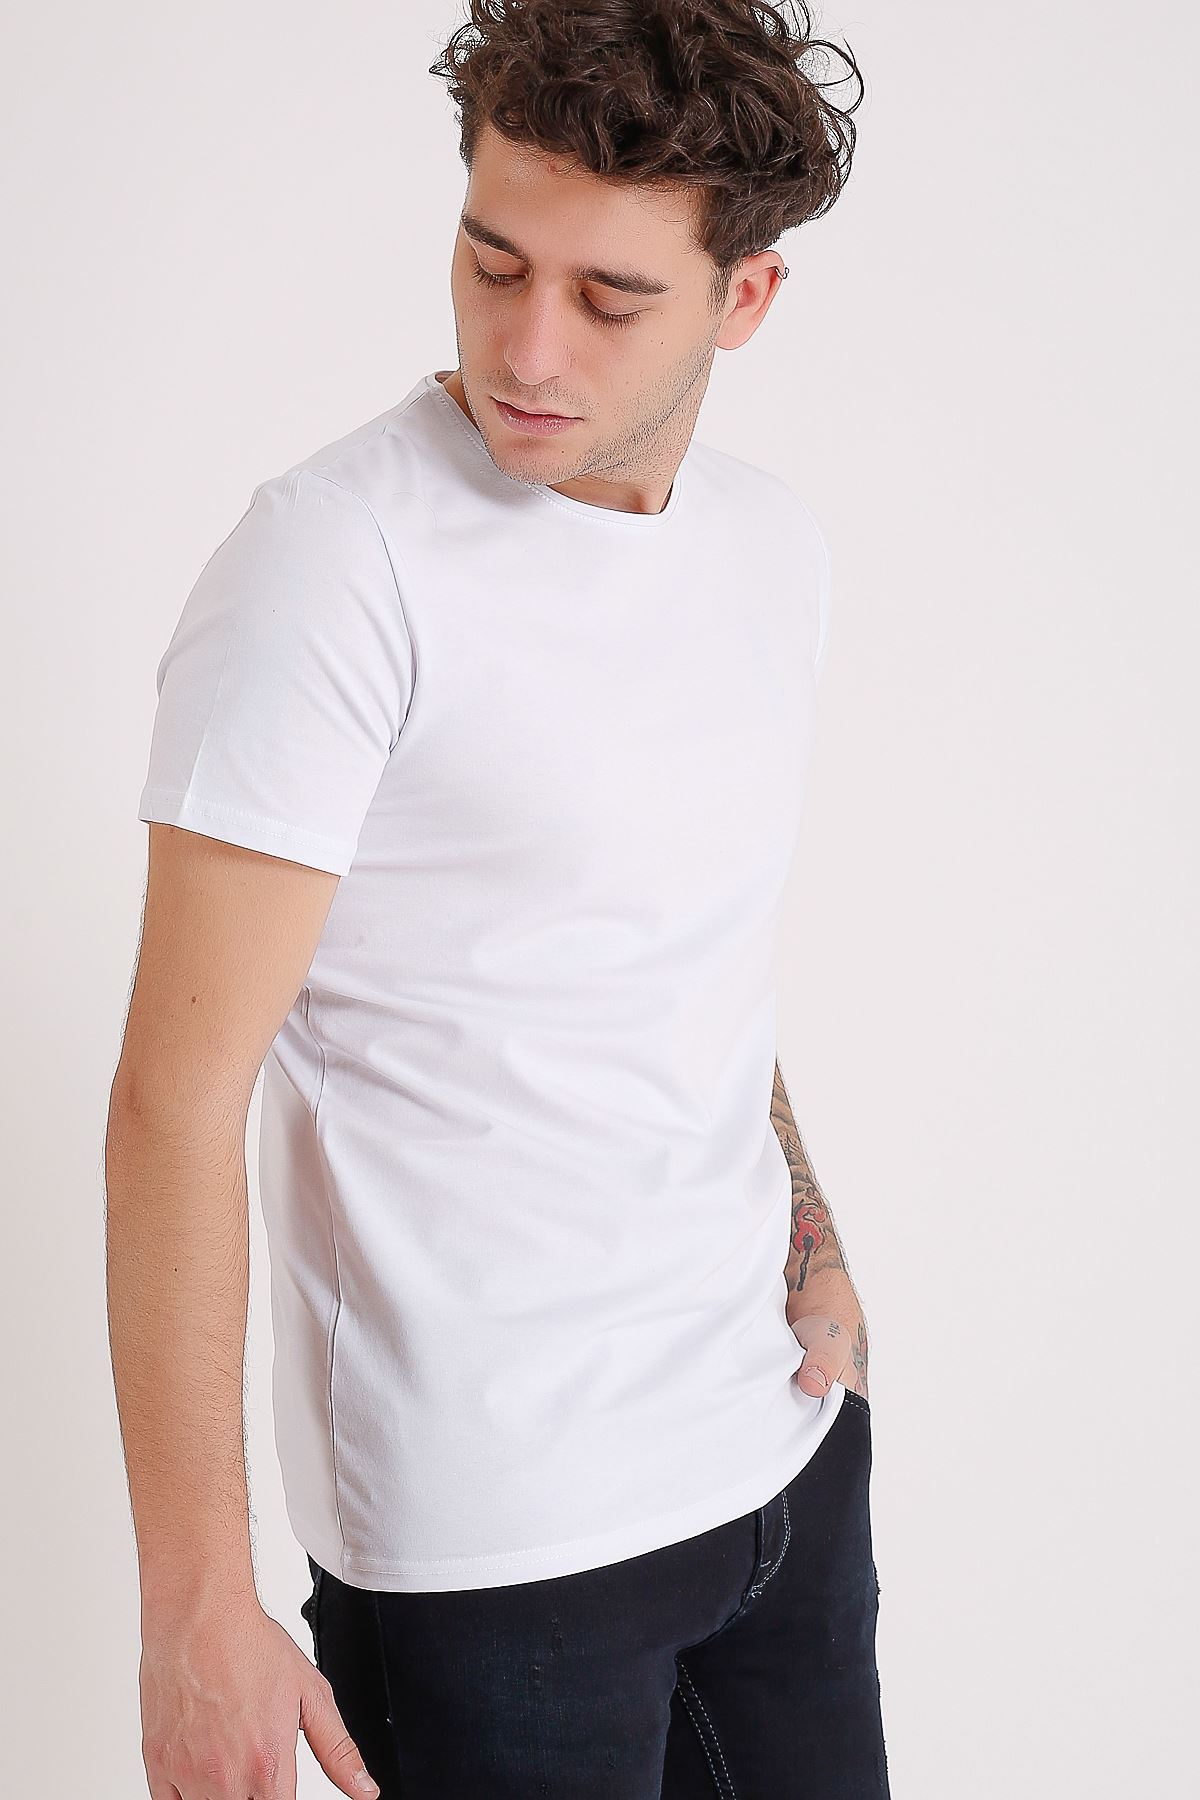 Erkek Beyaz Bisiklet Yaka Likralı Basic Tişört  Tshirt